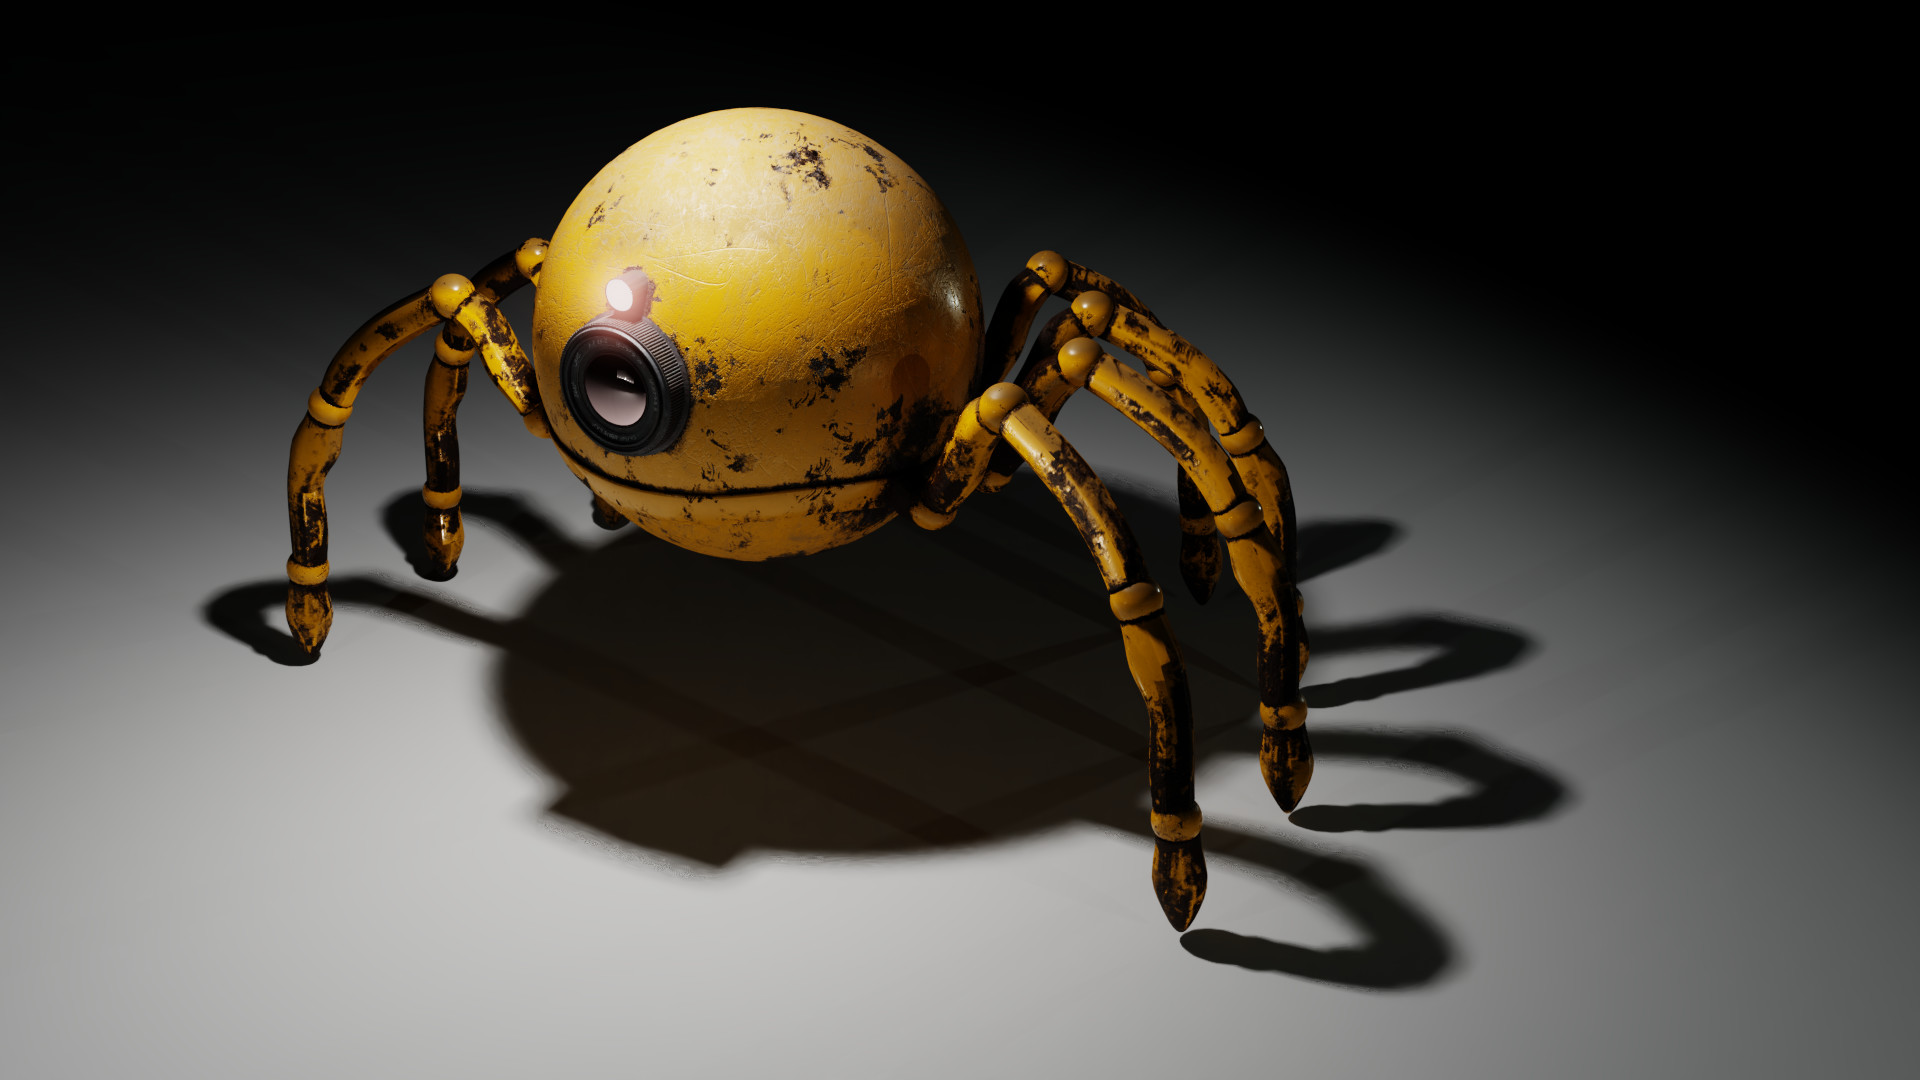 ferdinand-de-lange-robot-spider-001.jpg?1546844040